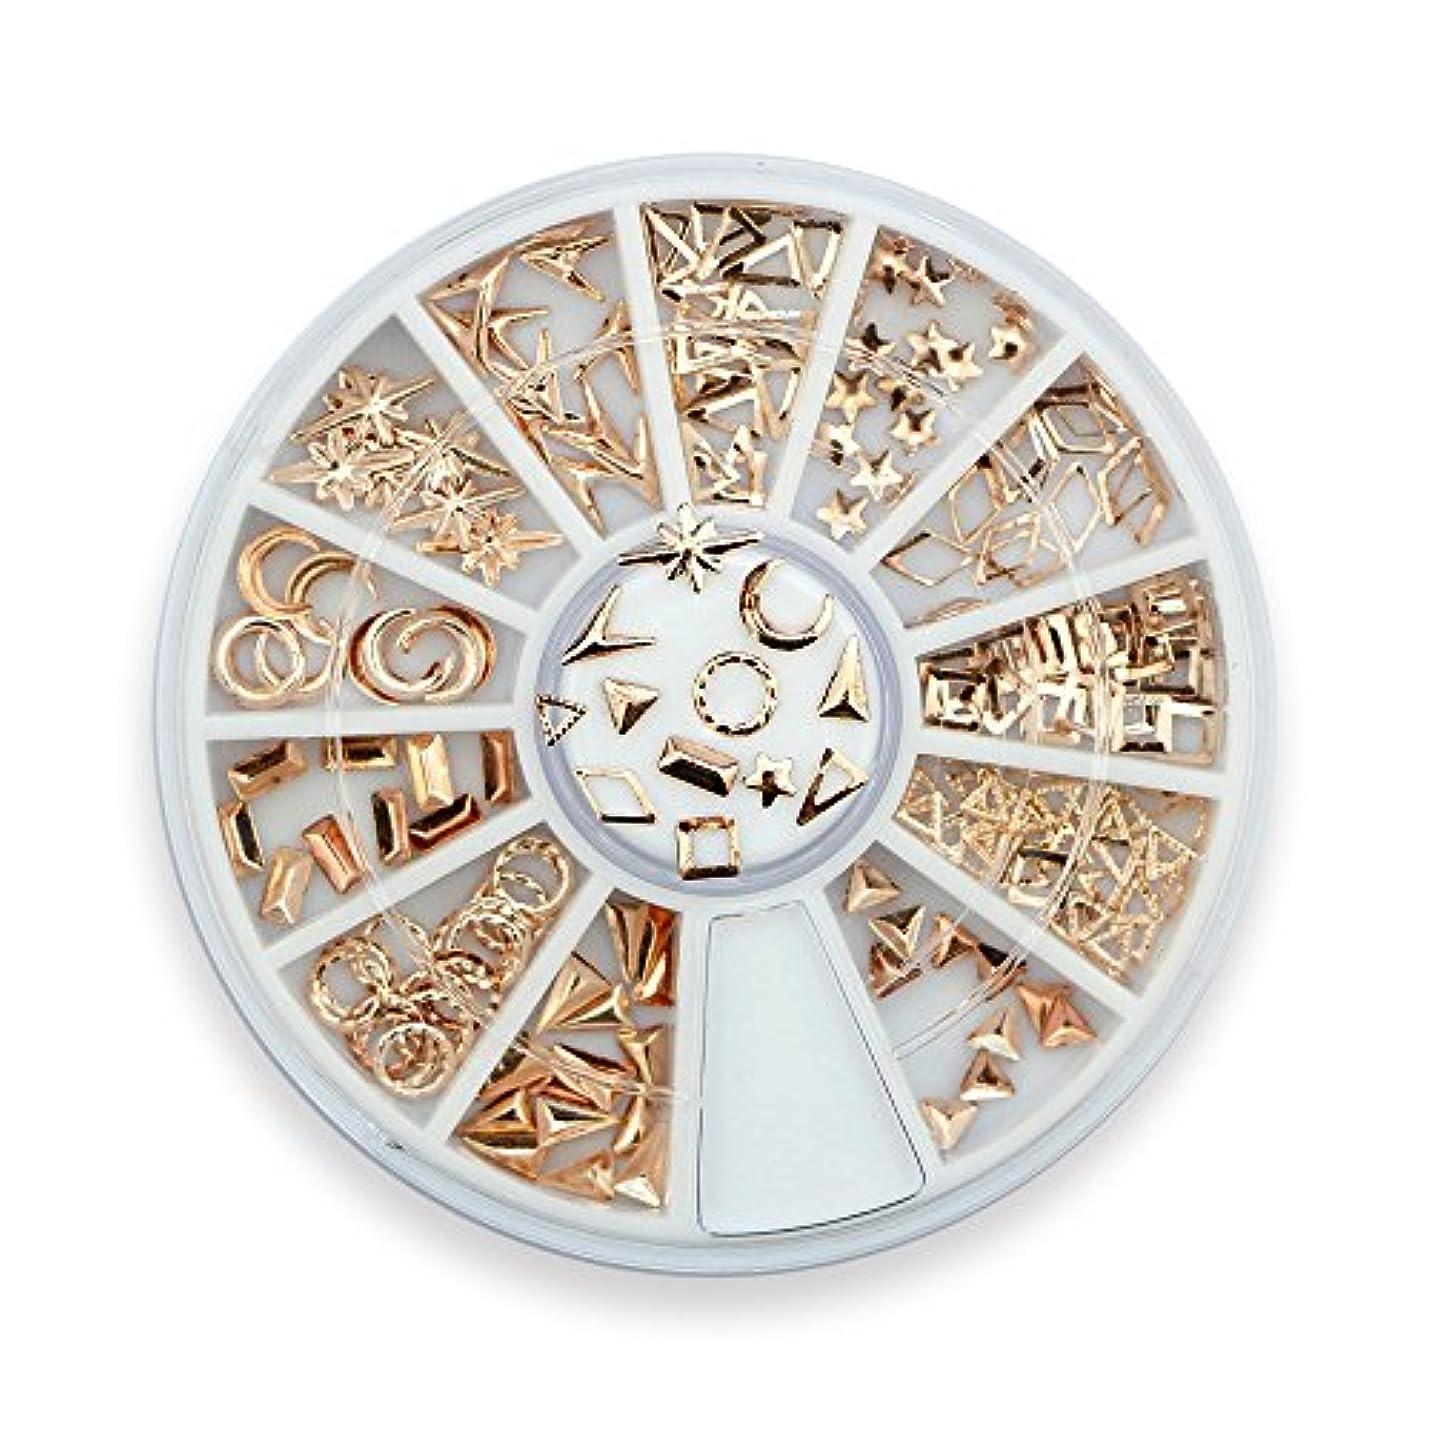 家庭インスタンス注釈Takarafune ネイルアート ネイル パーツ ローズゴールド メタルスタッズ セットビジュー ジェルネイル 3Dネイルデコレーション 12種類